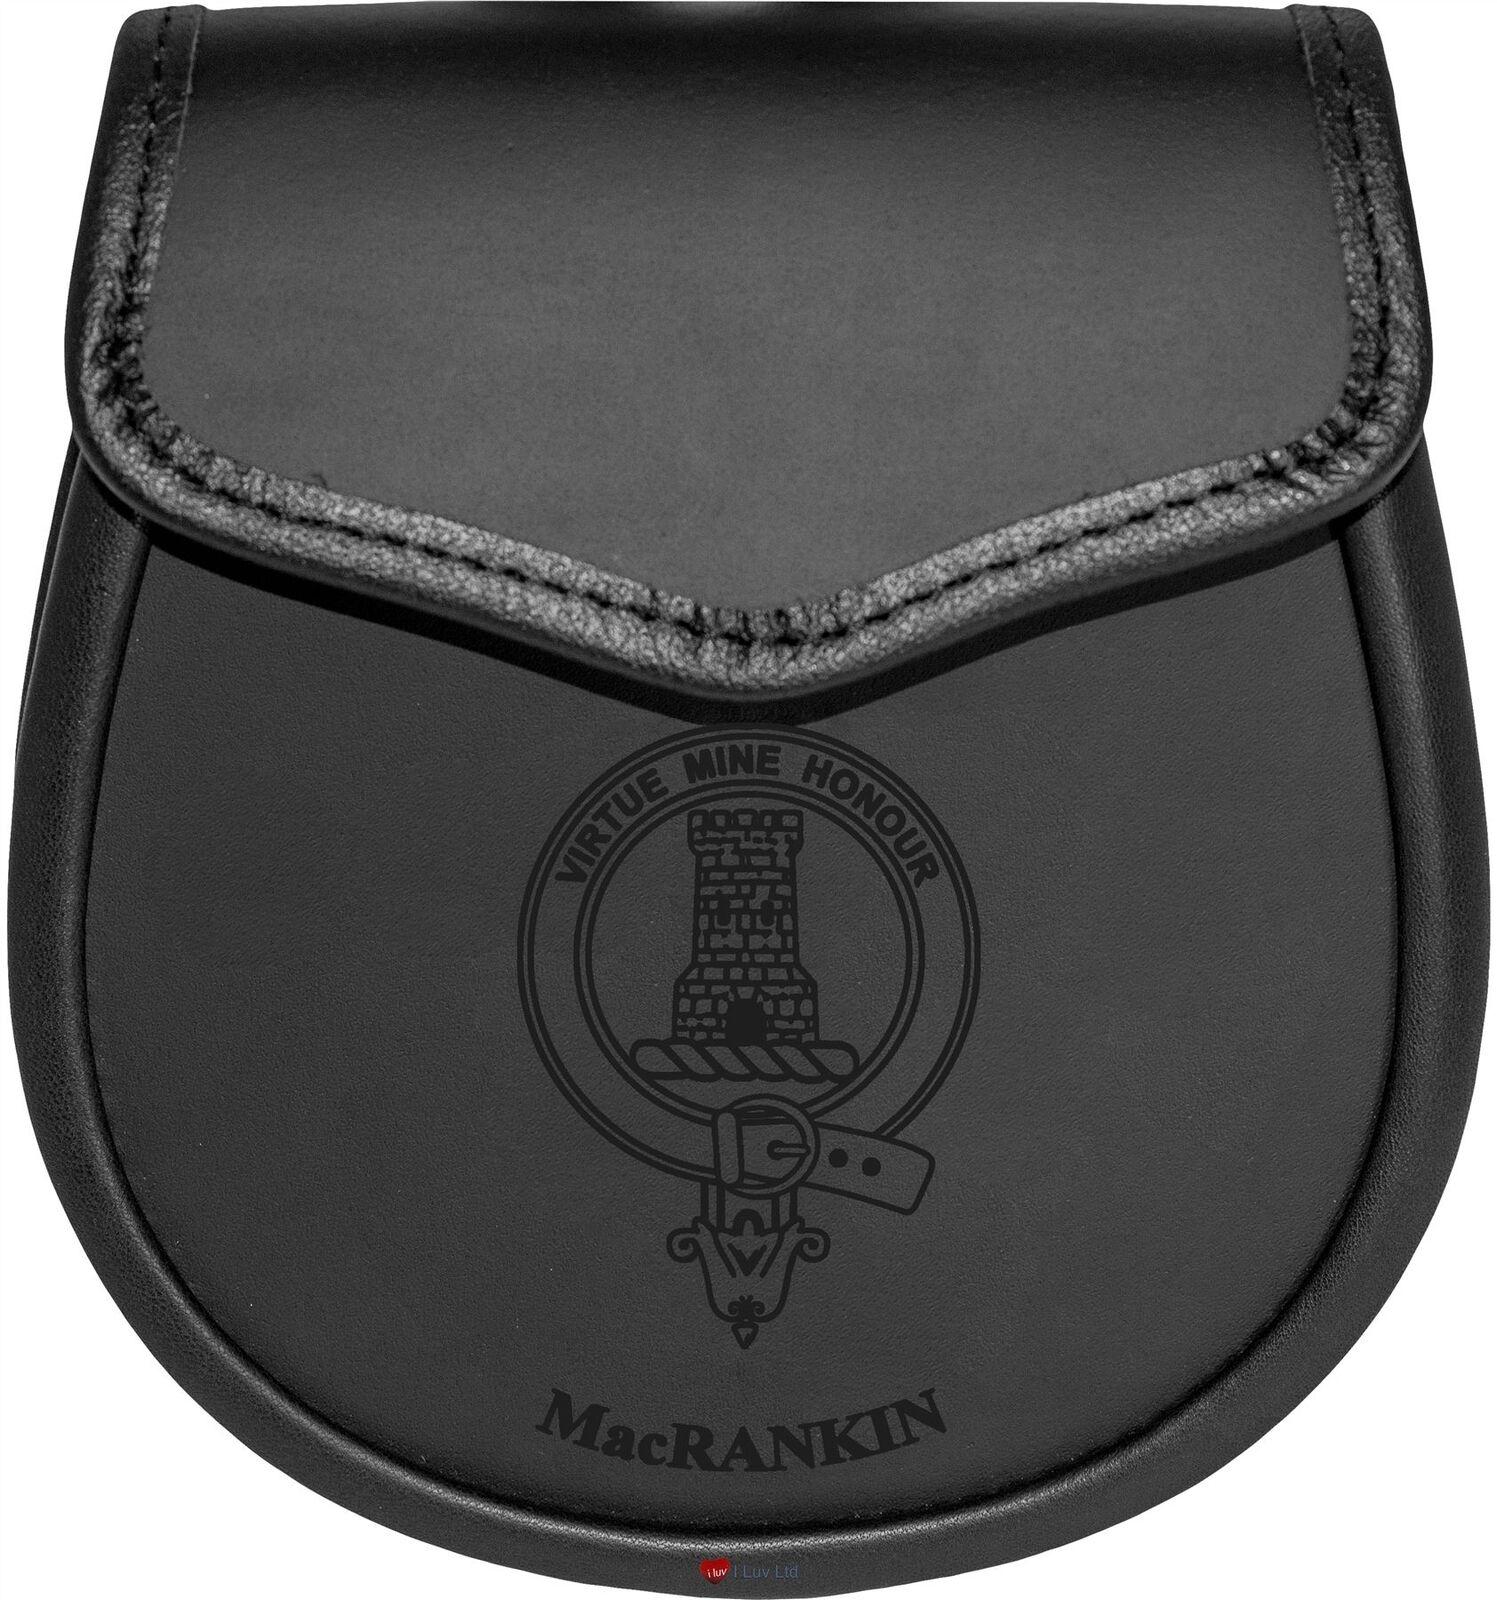 MacRankin Leather Day Sporran Scottish Clan Crest